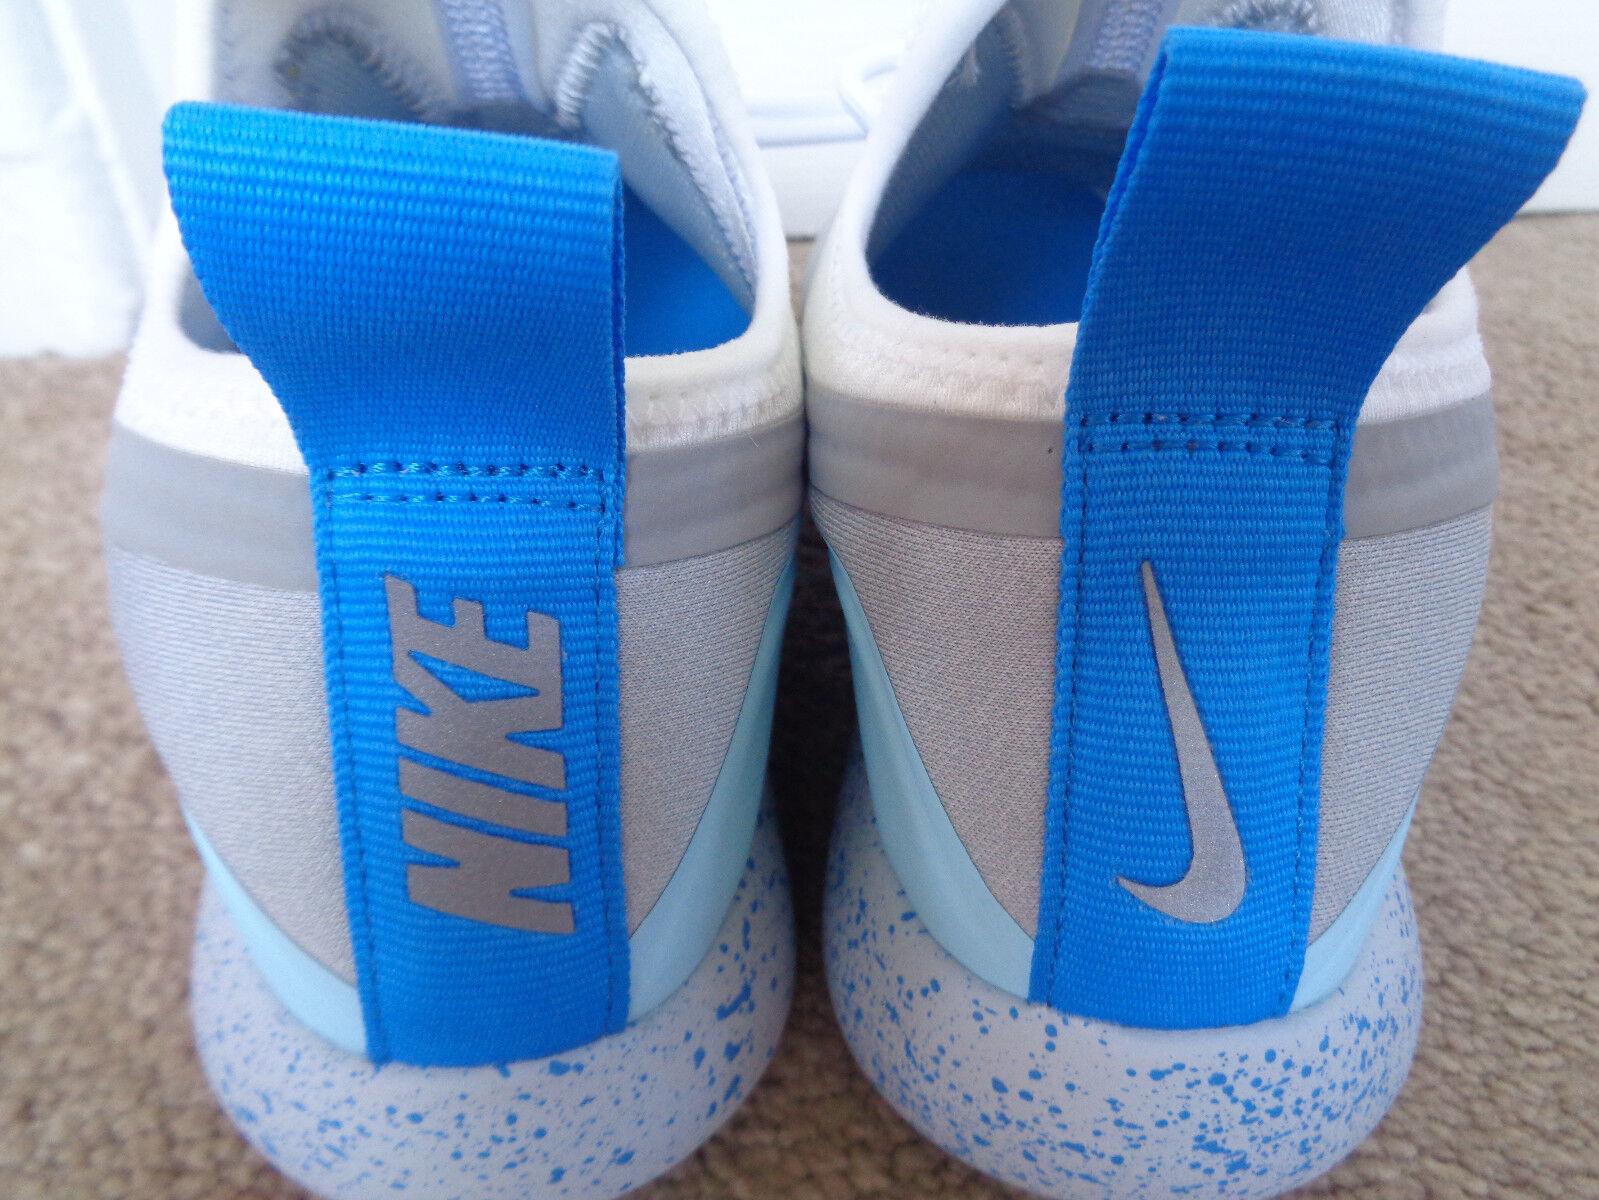 Nike lunarcharge miliardi di uomini dei formatori 933811 014 014 014 eu 38,5 6 nuovi   box   Conosciuto per la sua eccellente qualità  b62f84